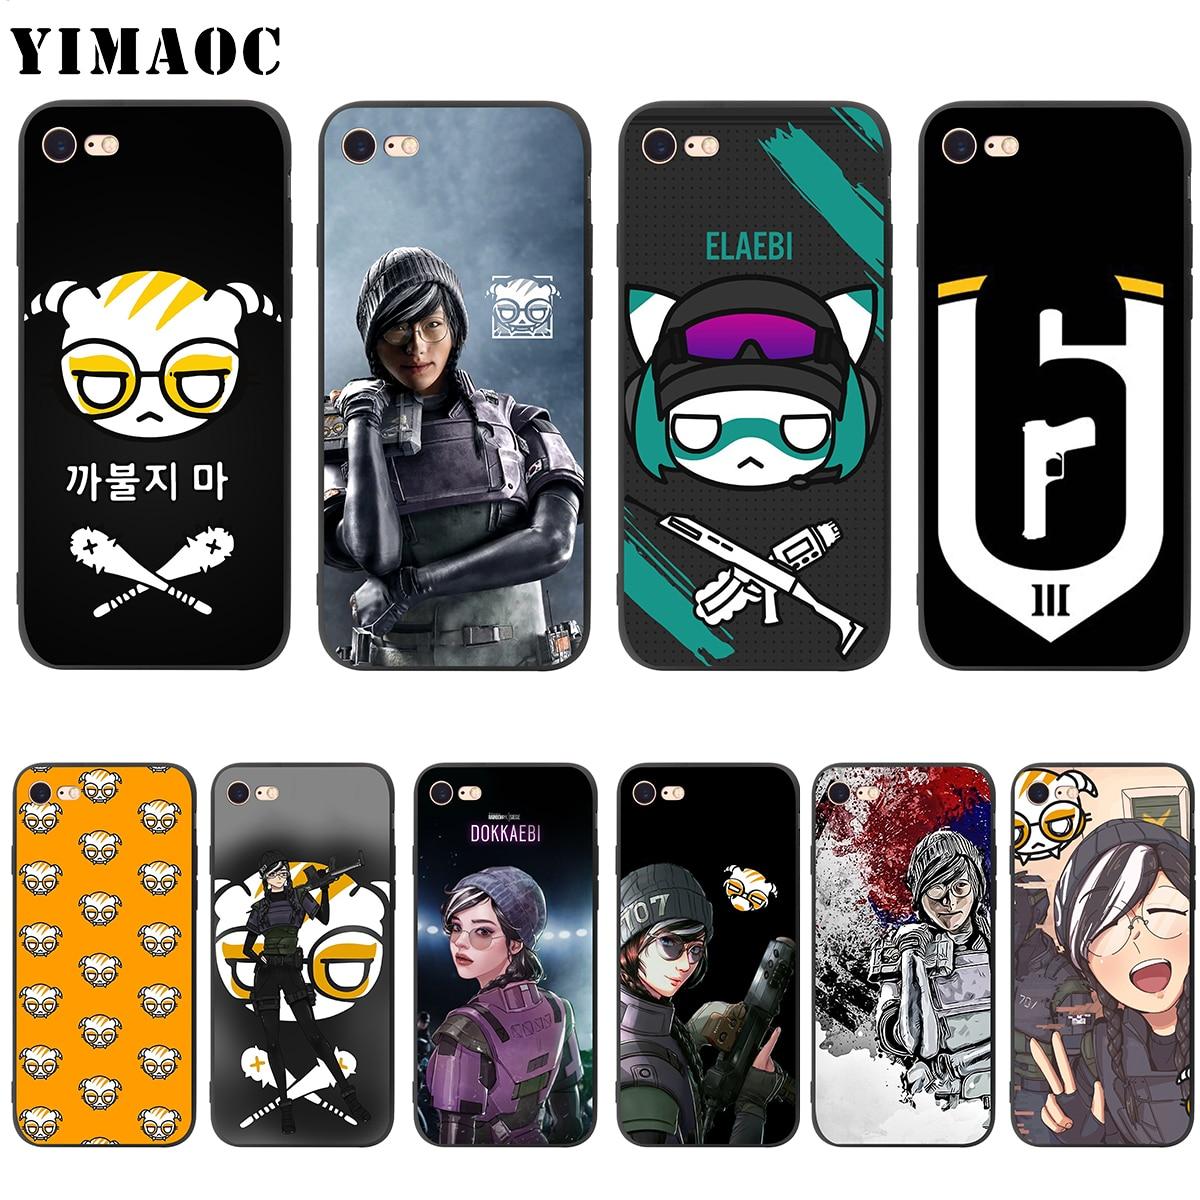 YIMAOC Dokkaebi Rainbow Six Soft Silicone Case for iPhone